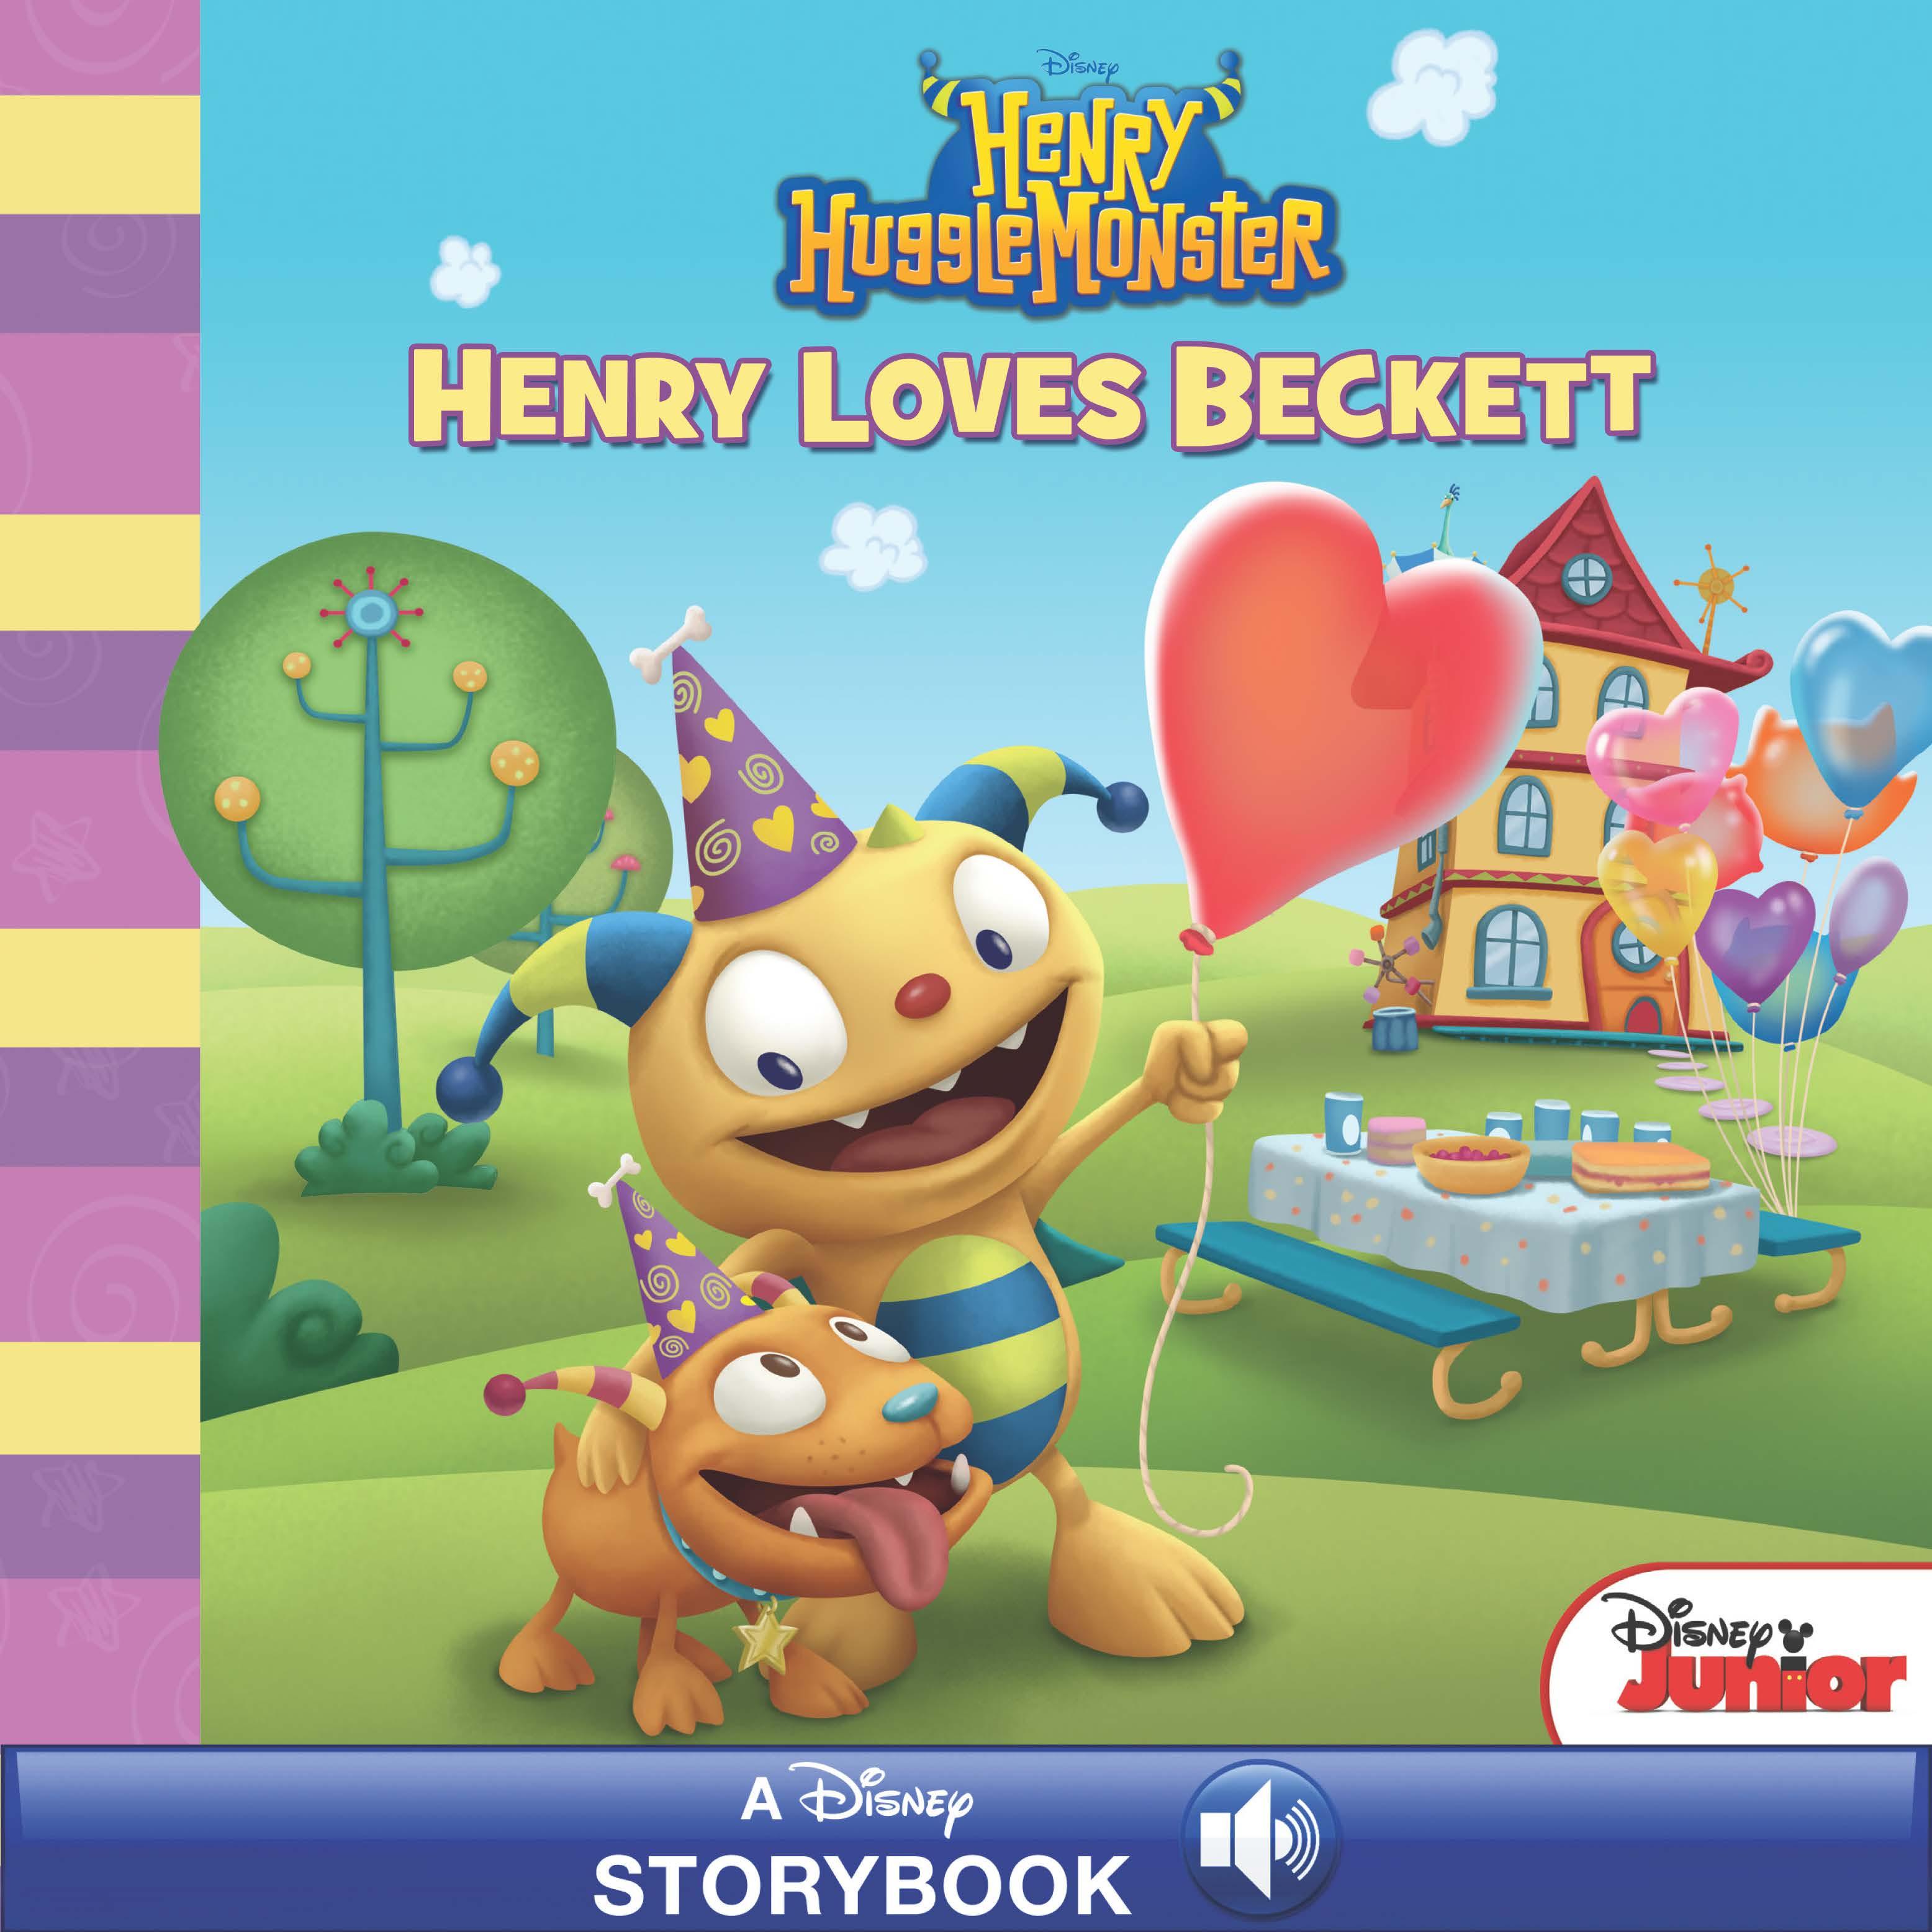 Henry Hugglemonster: Henry Loves Beckett